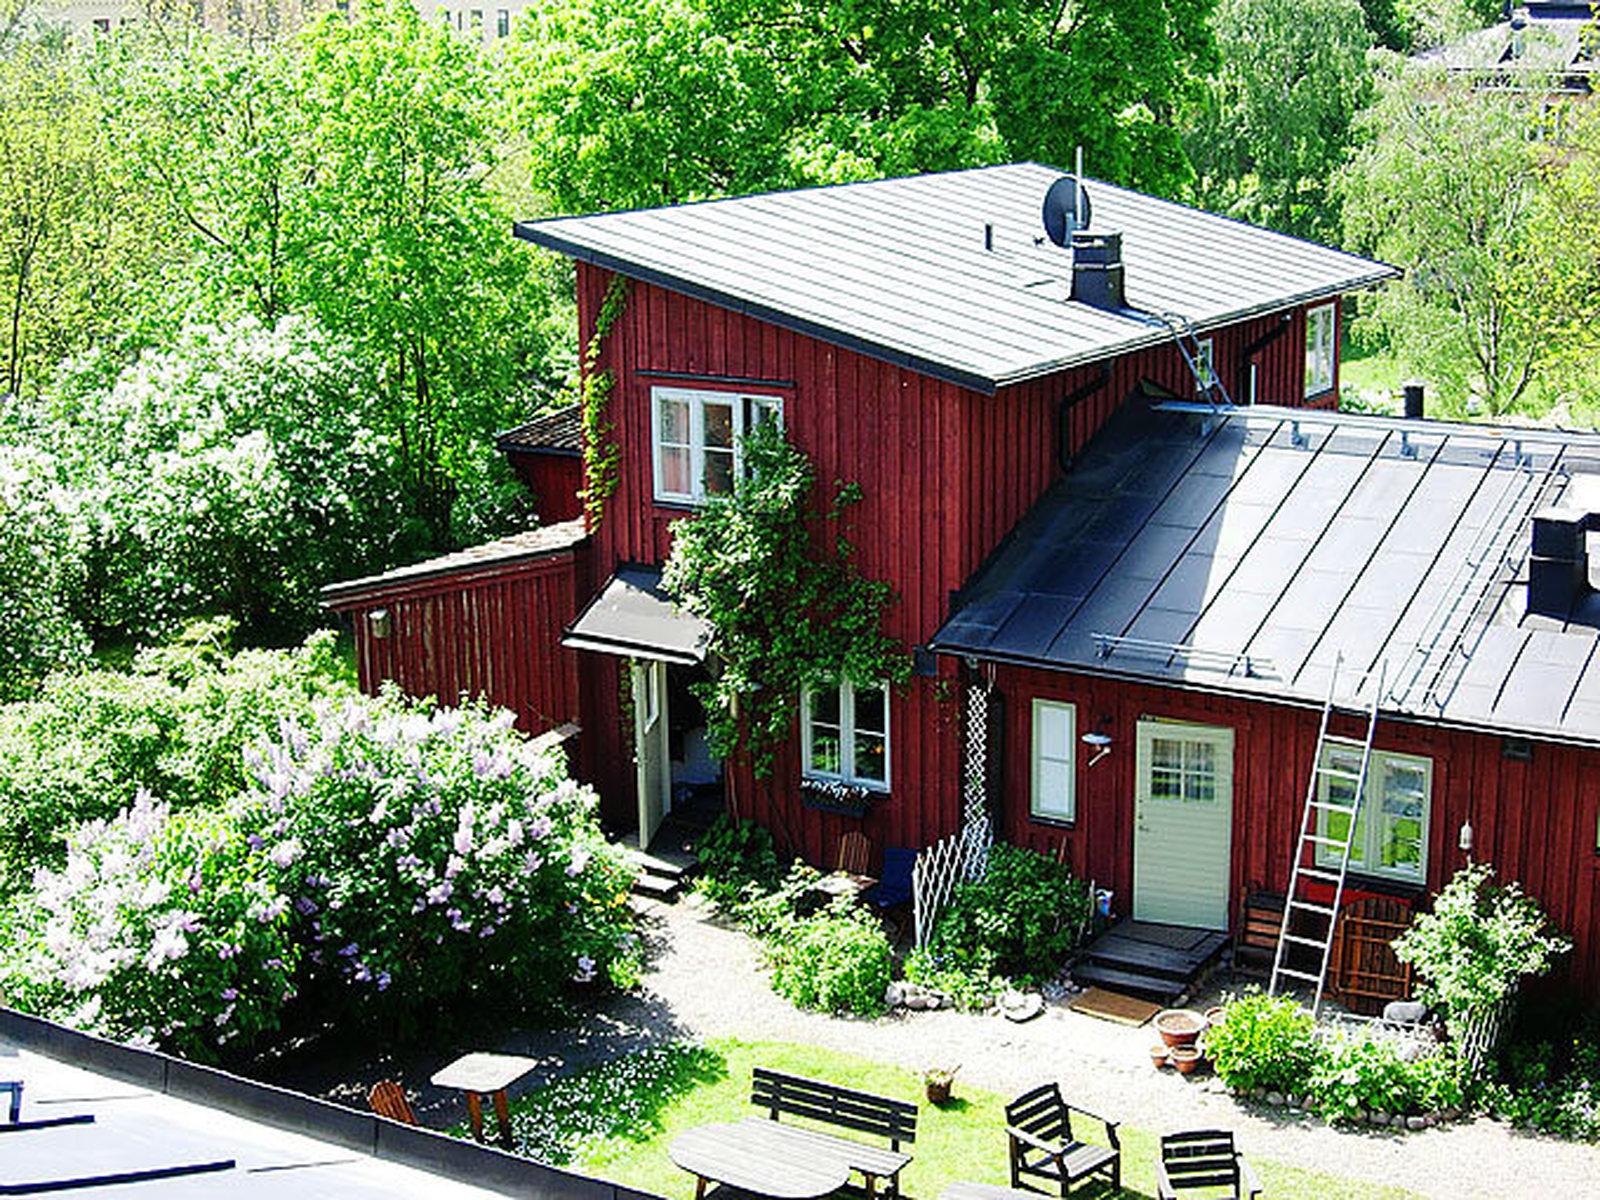 Yttersta Tvärgränd 4 - unikt hus